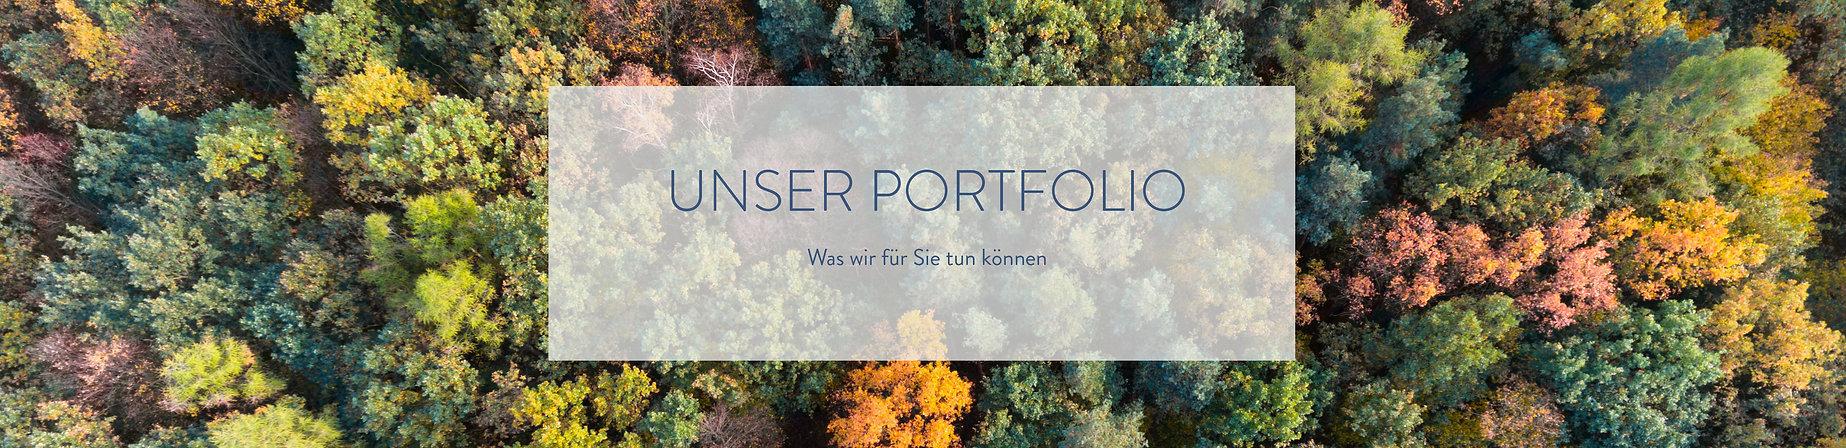 Portfolio_Rahmen_weiß_blaue_Schrift.jpg